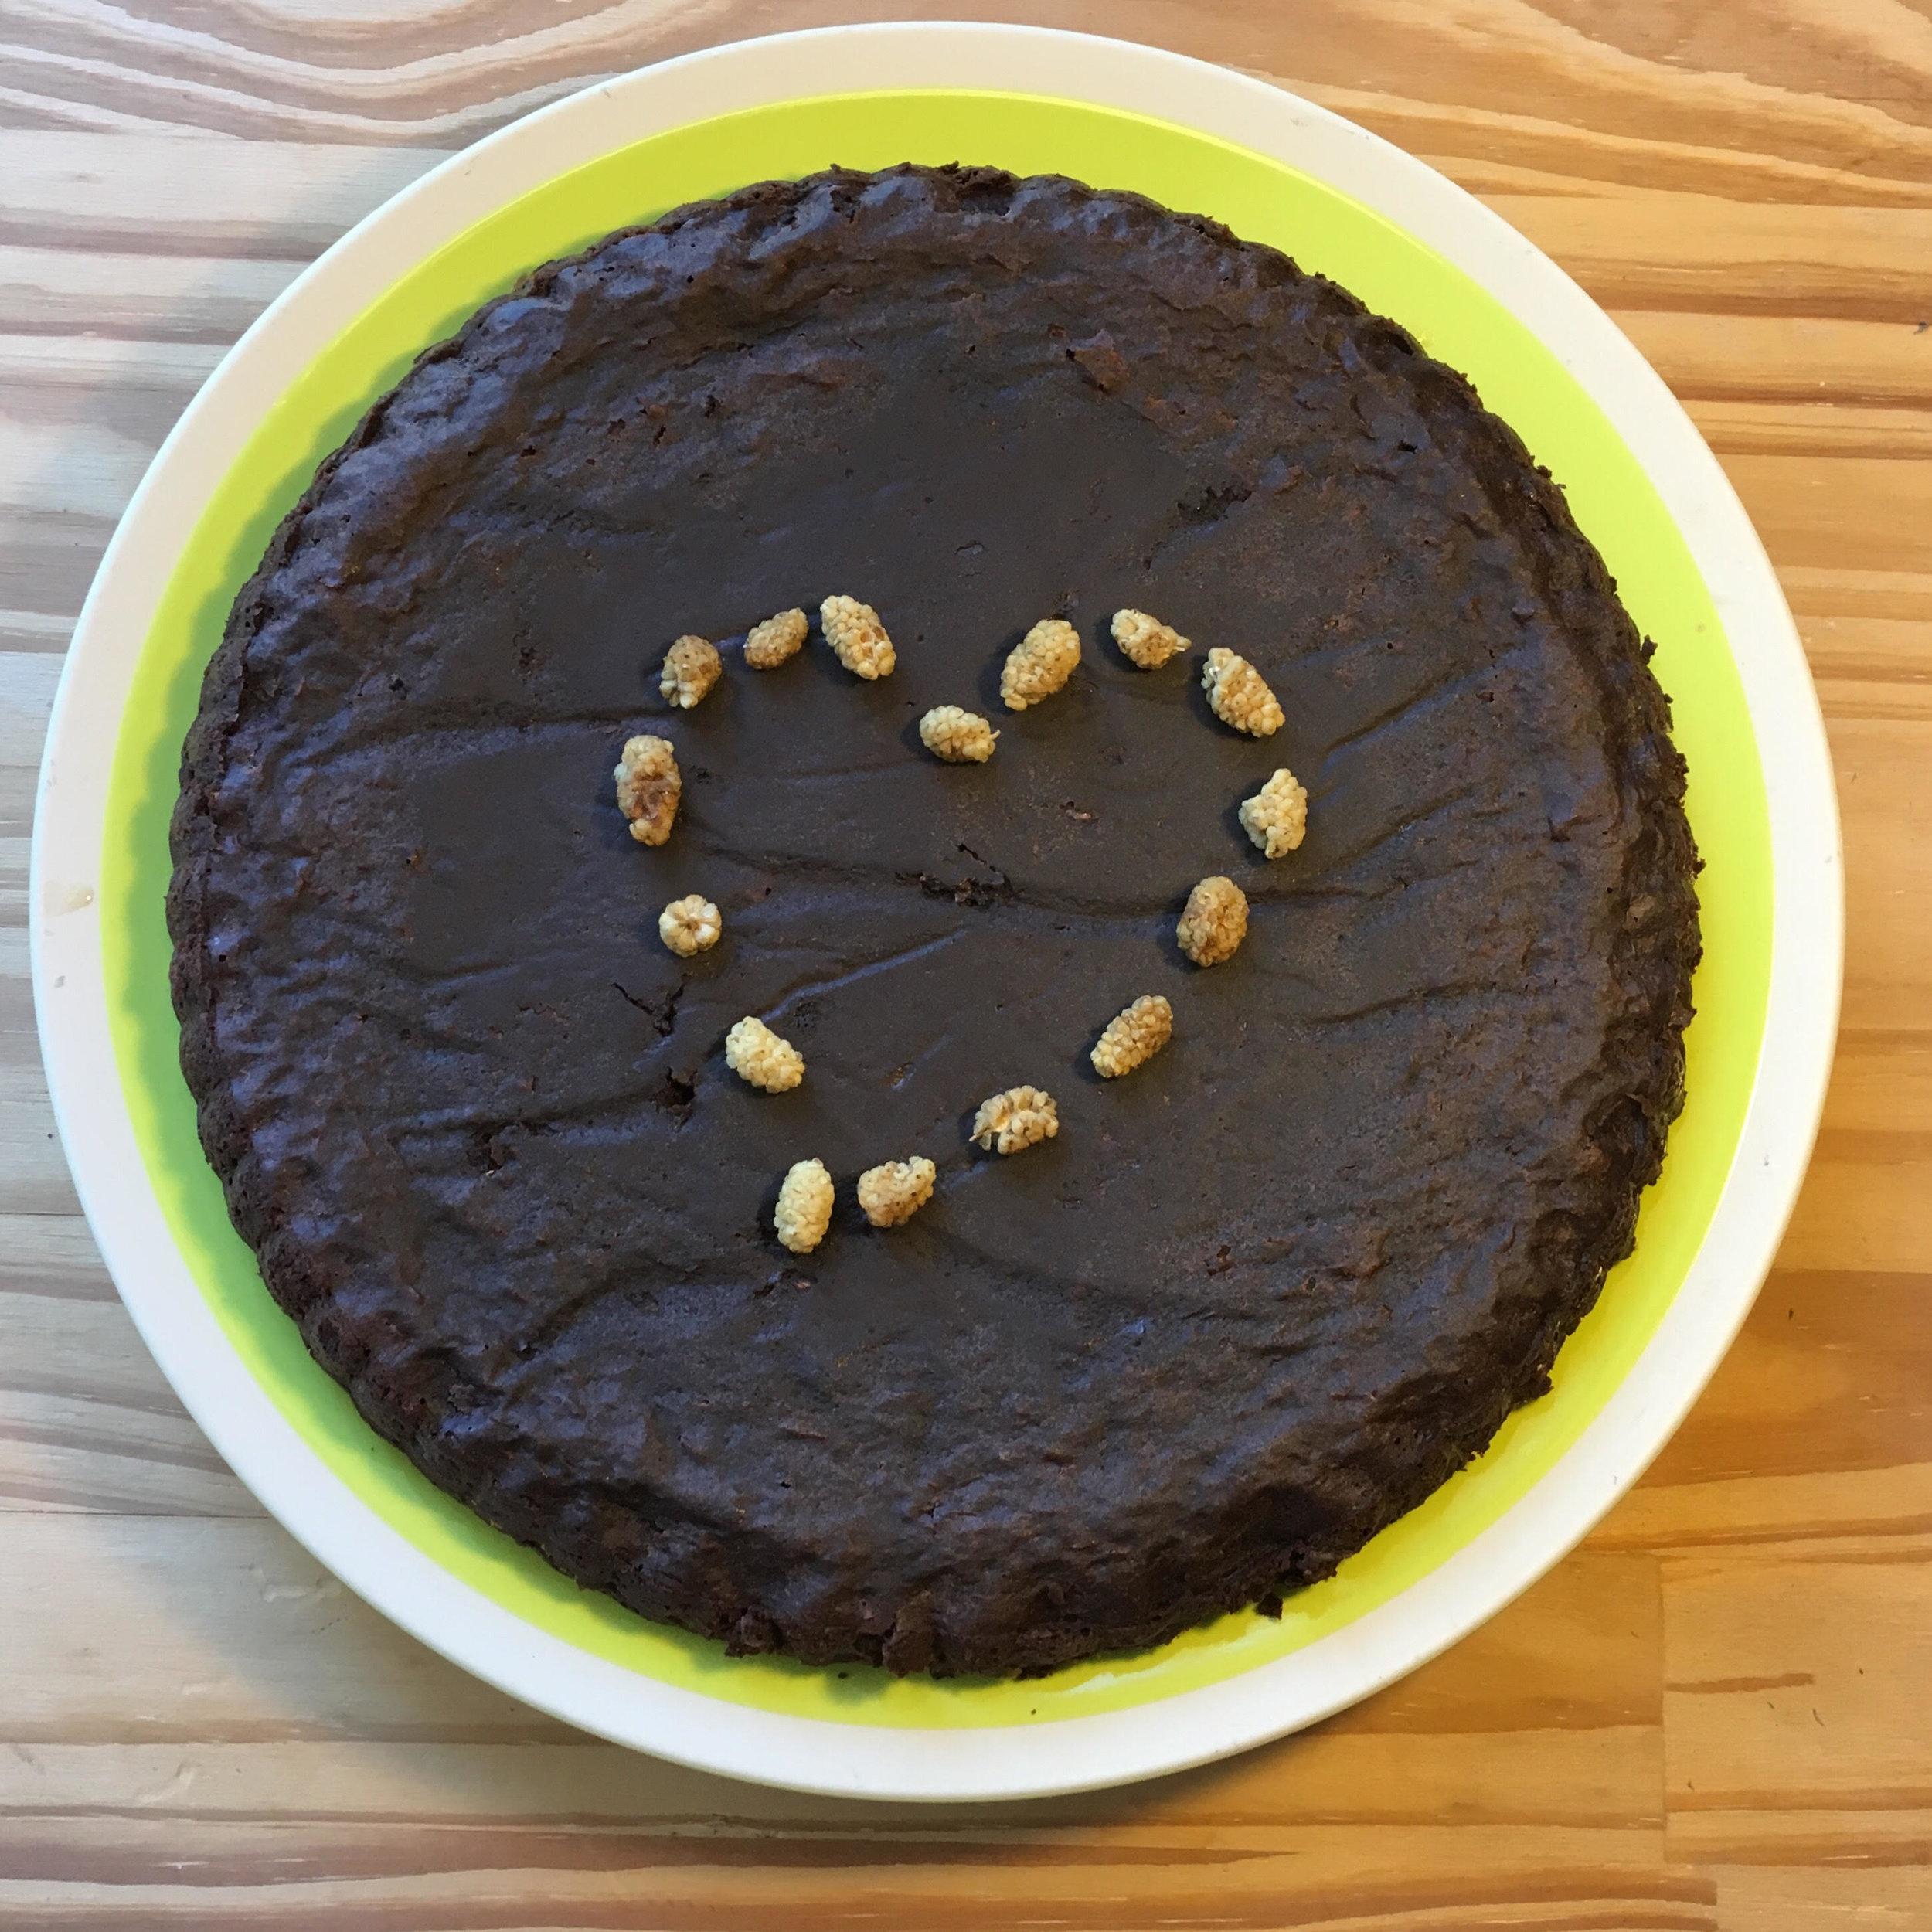 voilà une modeste version de ce gâteau ! J'ai essayé de soigner la présentation, pardi !